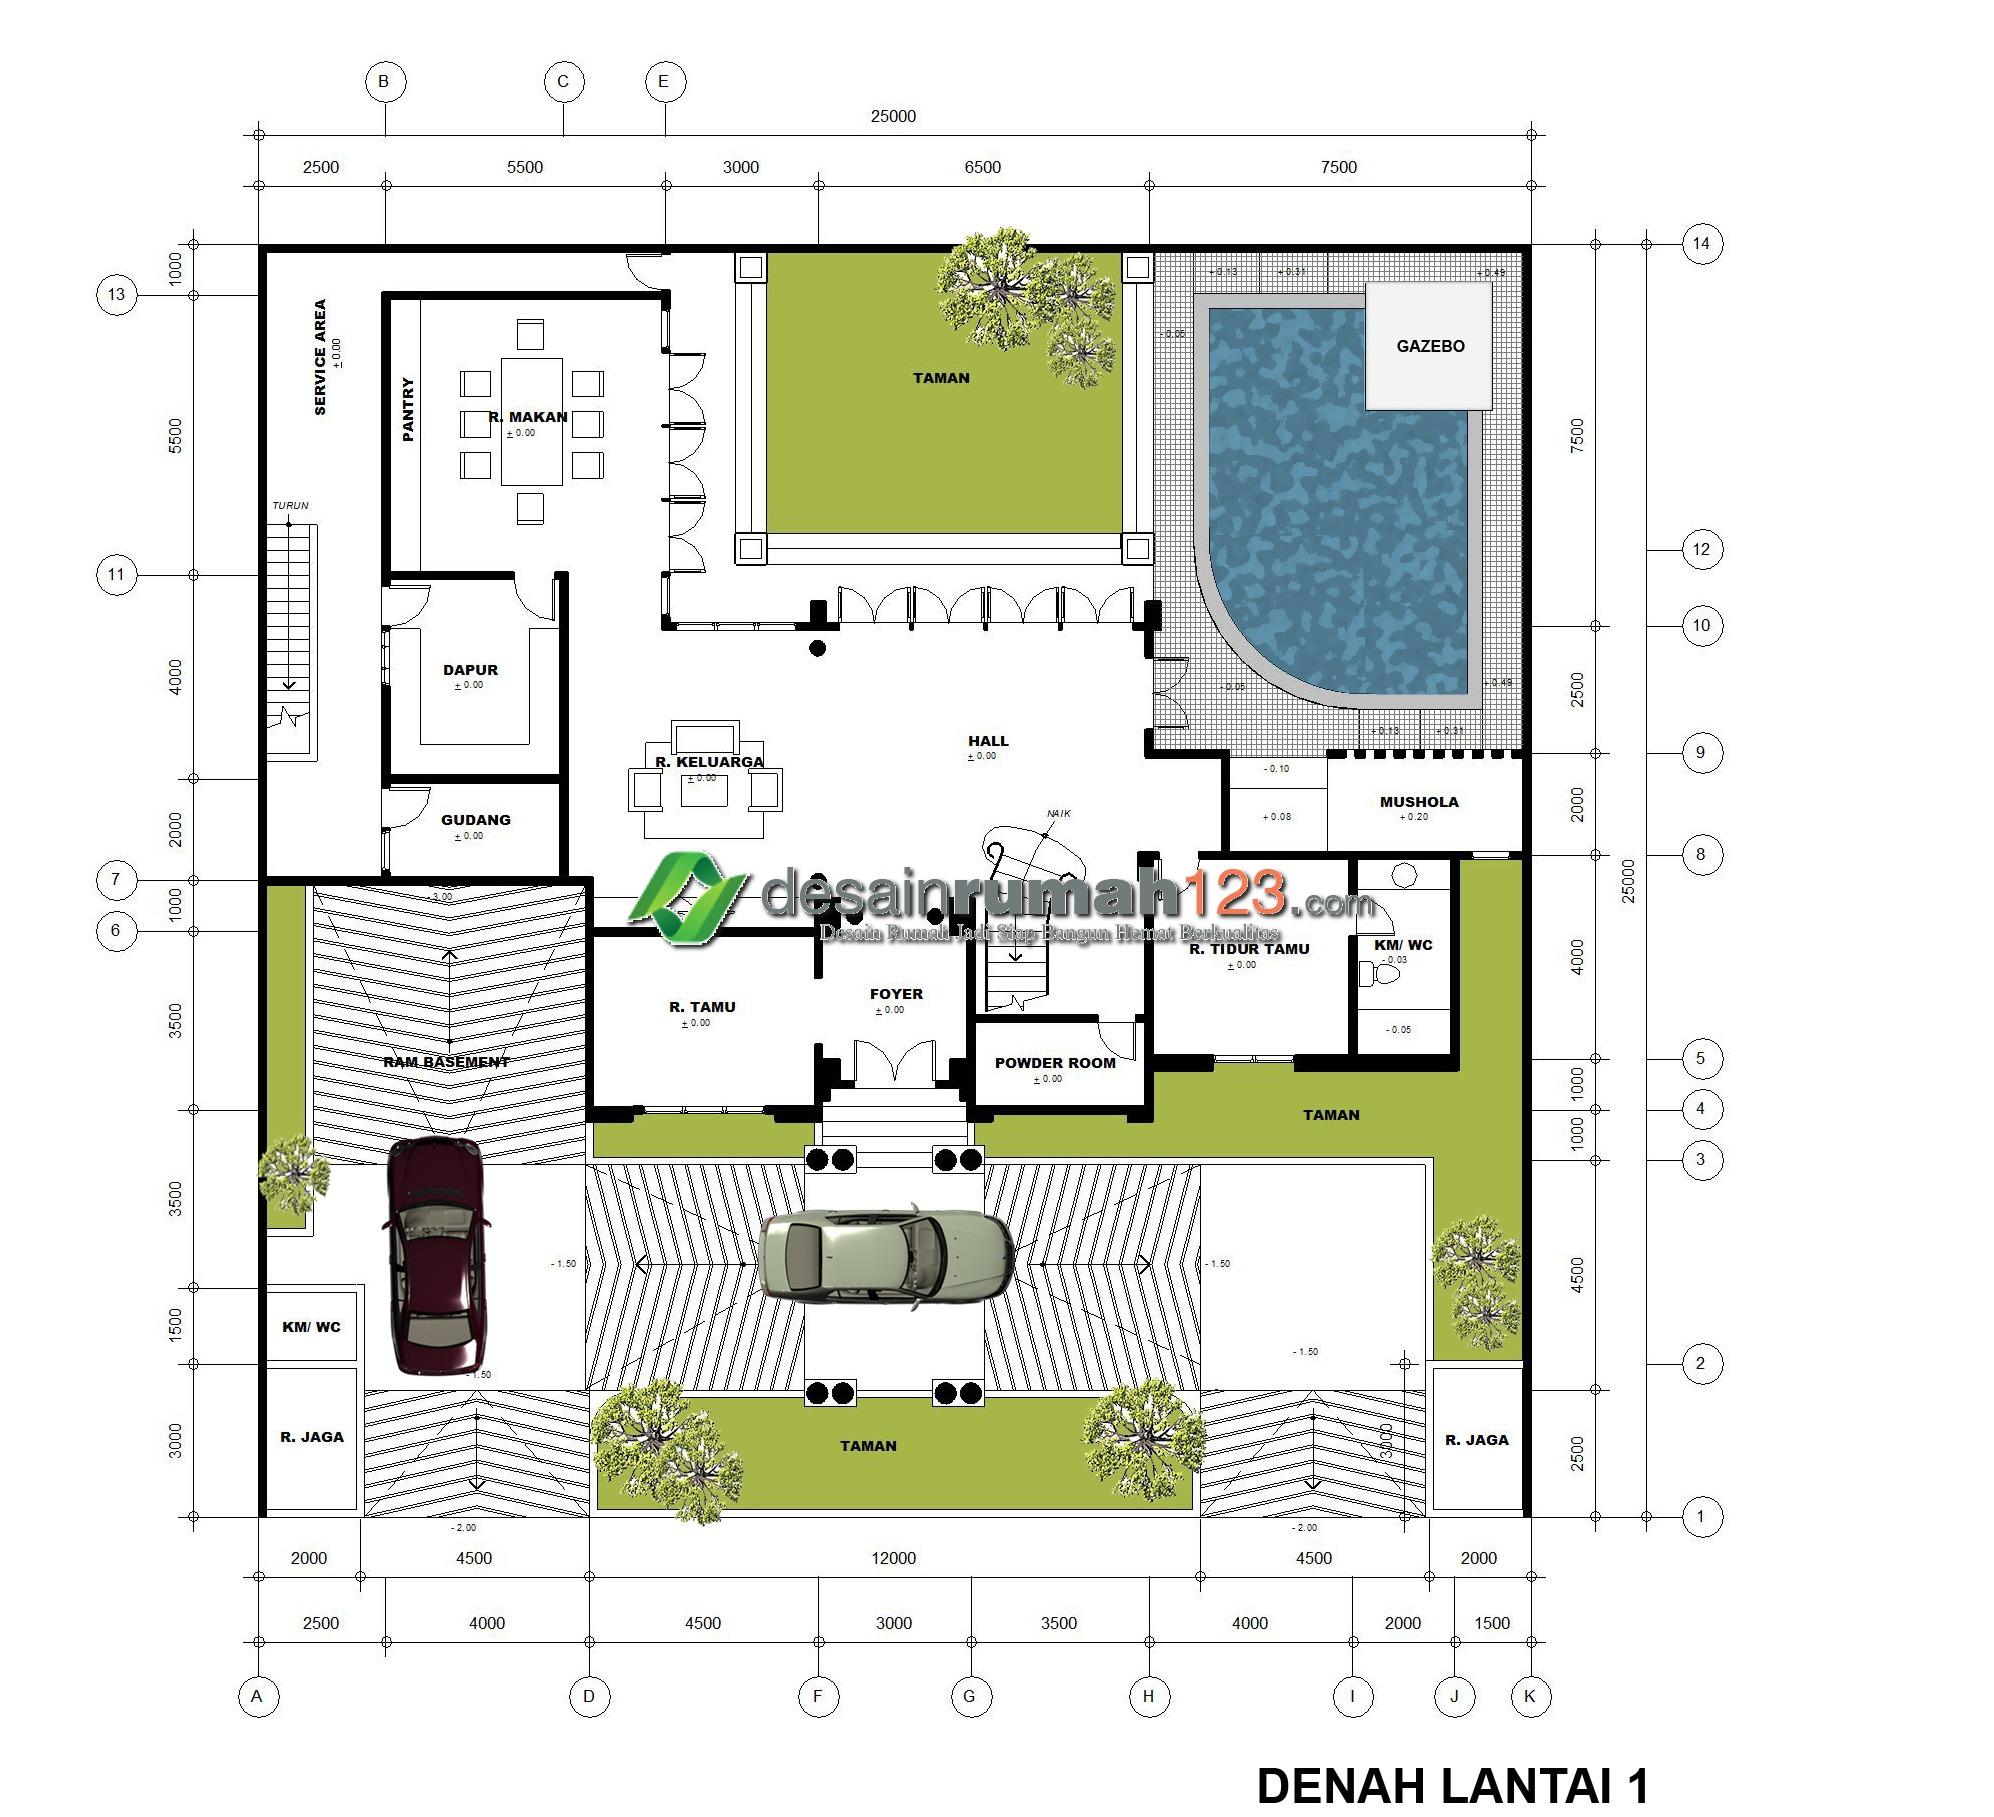 Desain Rumah Klasik 3 Lantai di Lahan 25 x 25 M2 | DRK ...